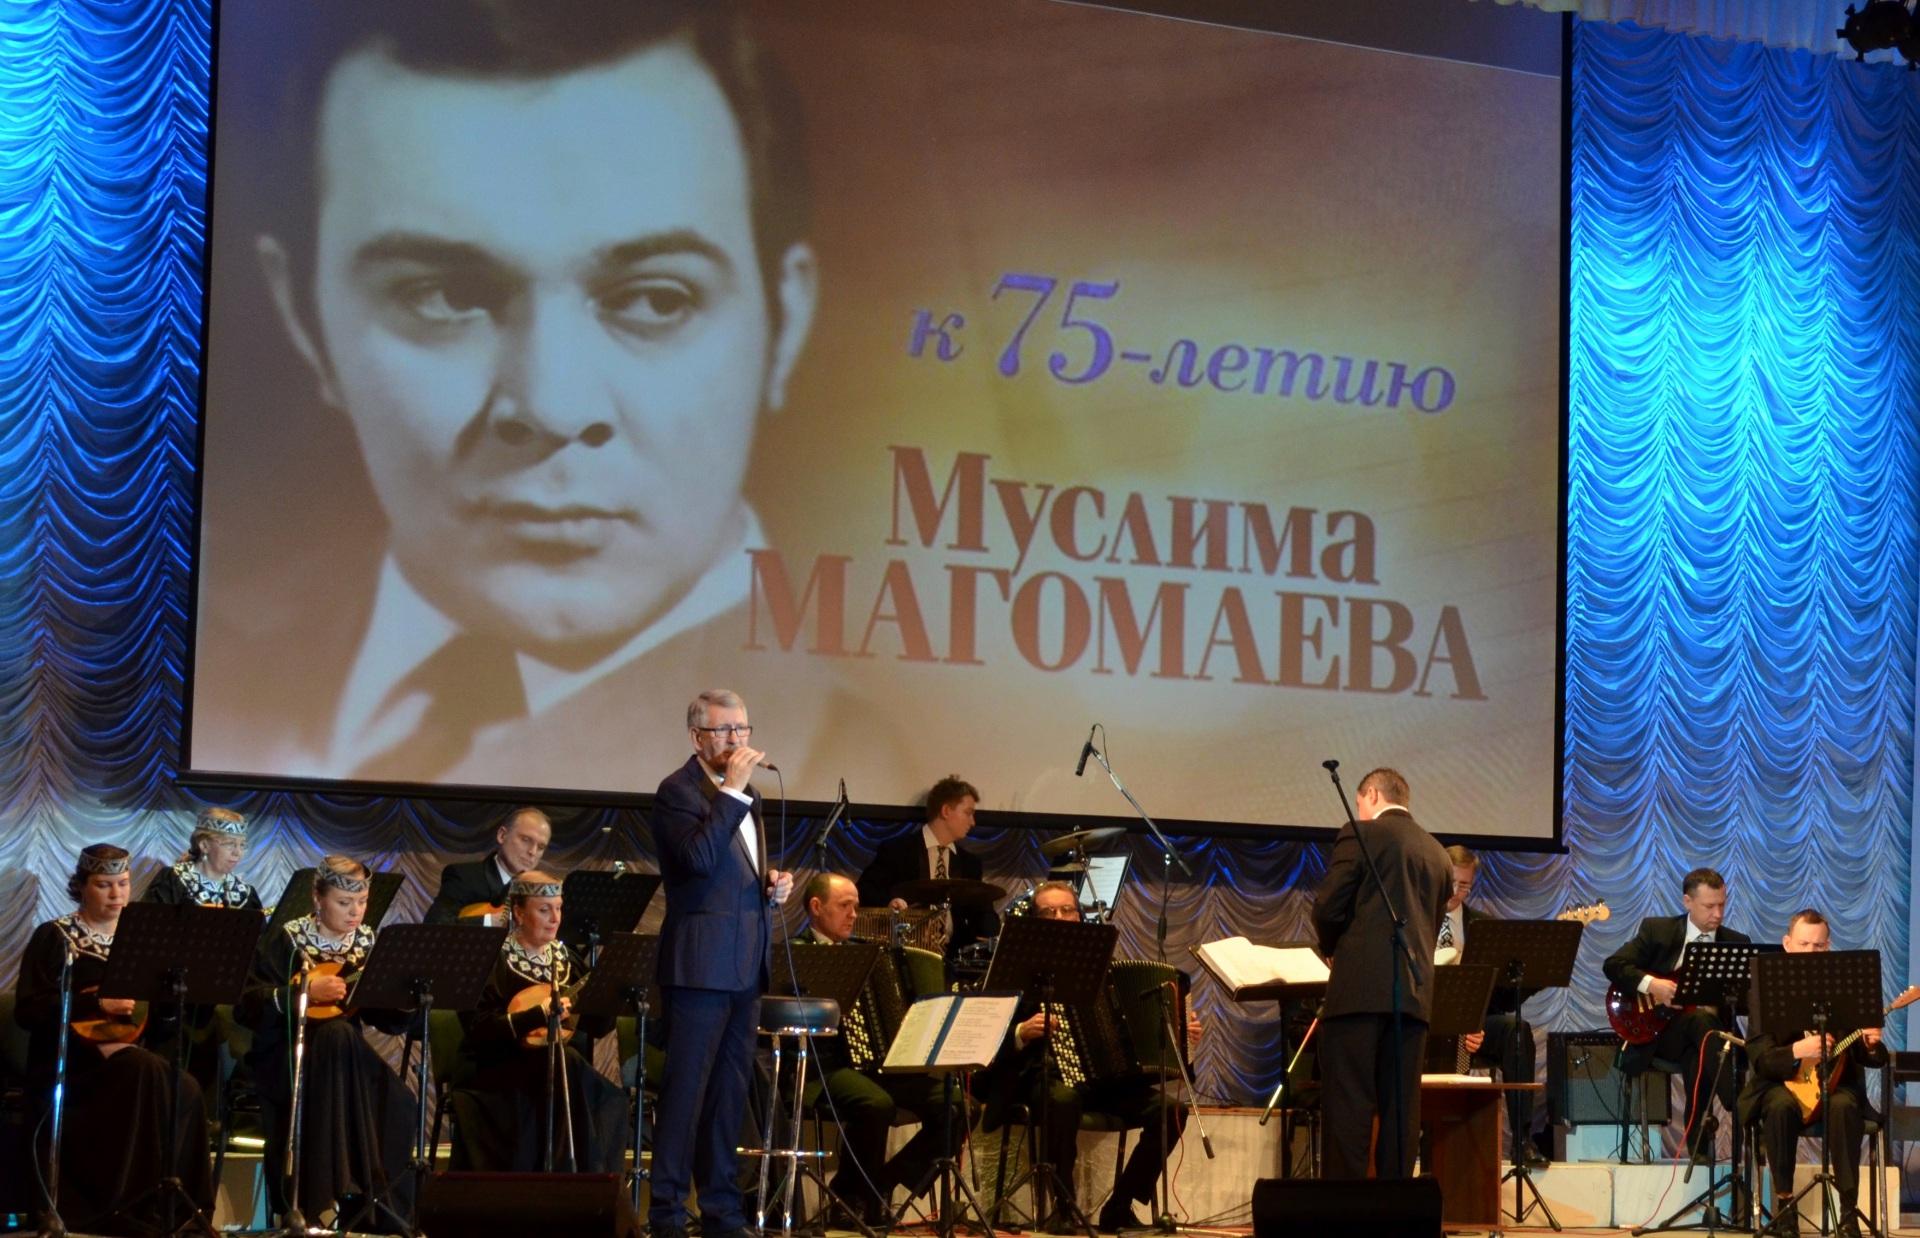 Концерт в Коми республиканской филармонии посвятили Муслиму Магомаеву